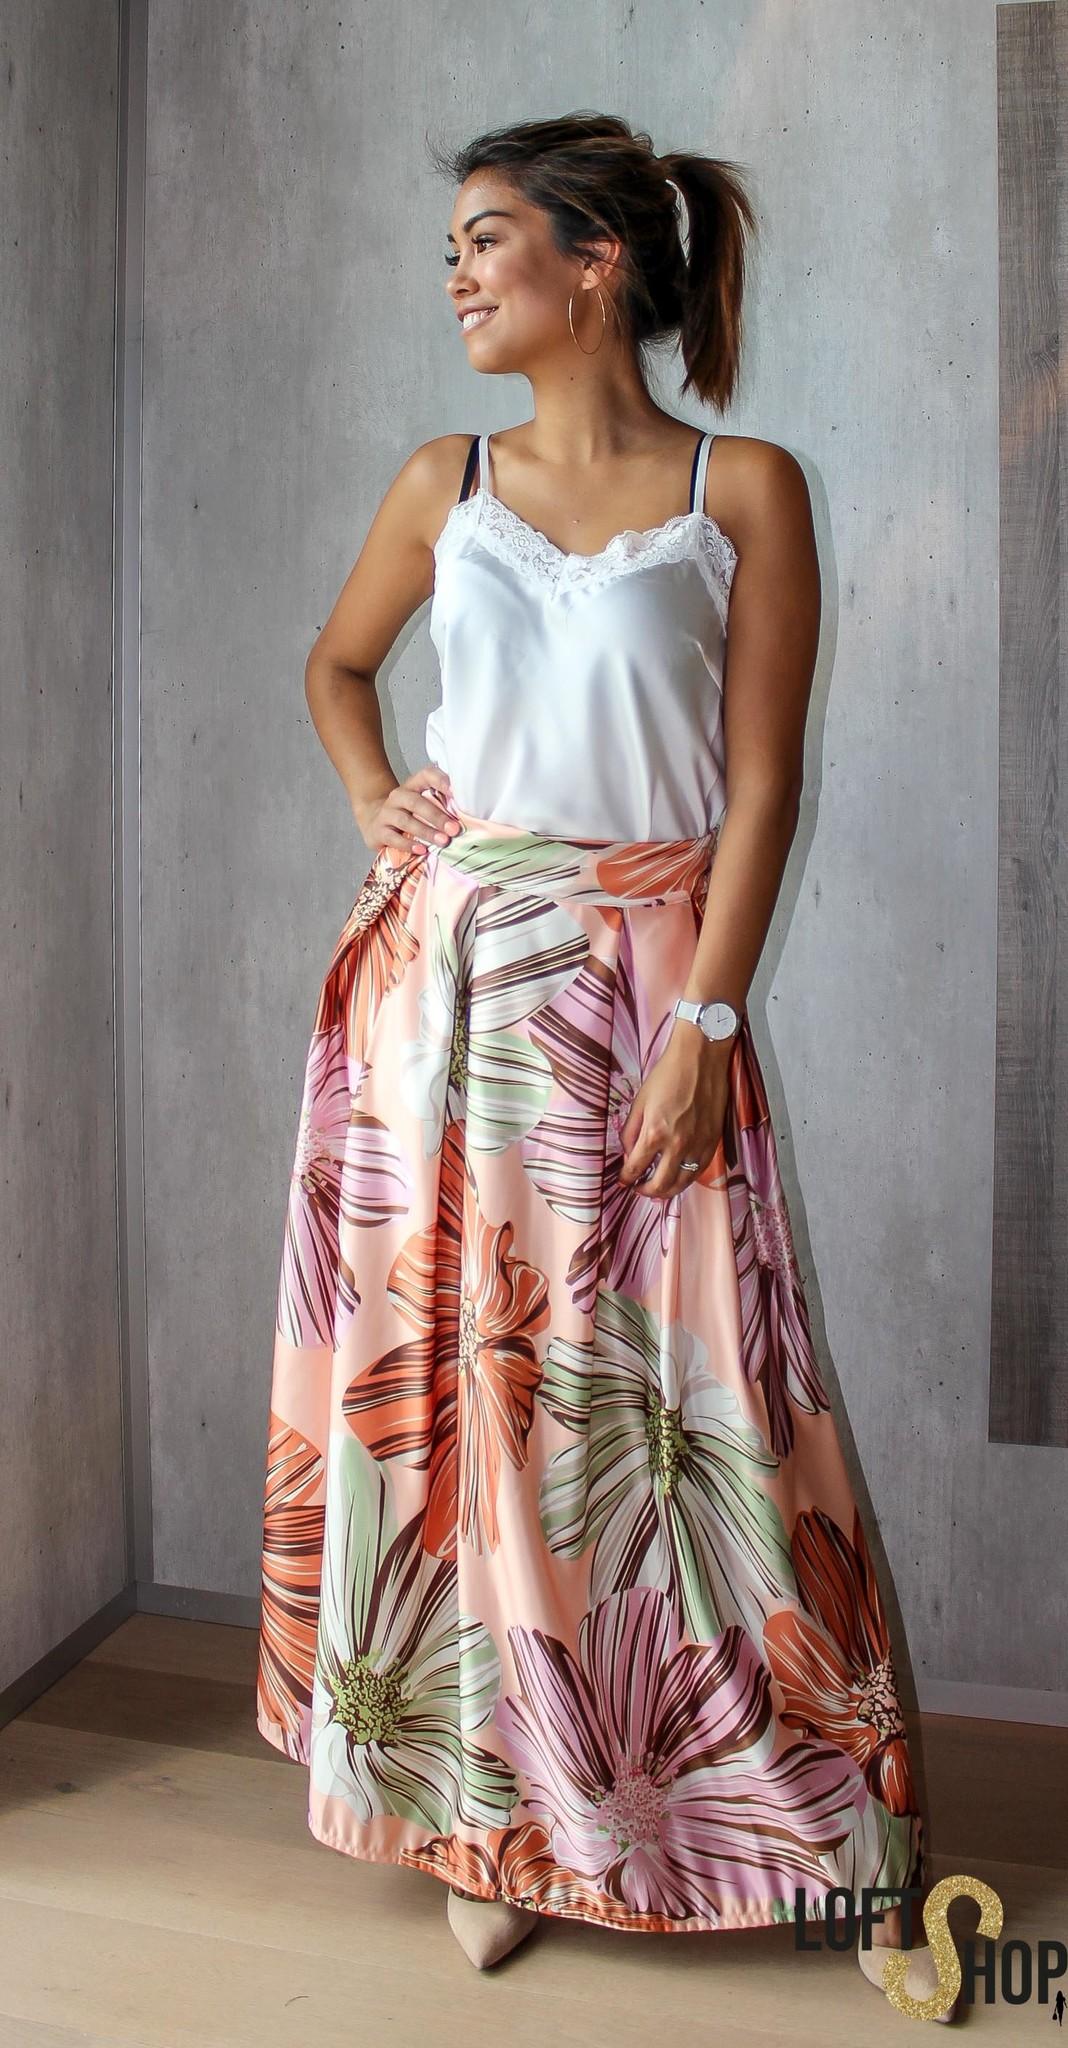 J&D Fashio Skirt Donna Peach